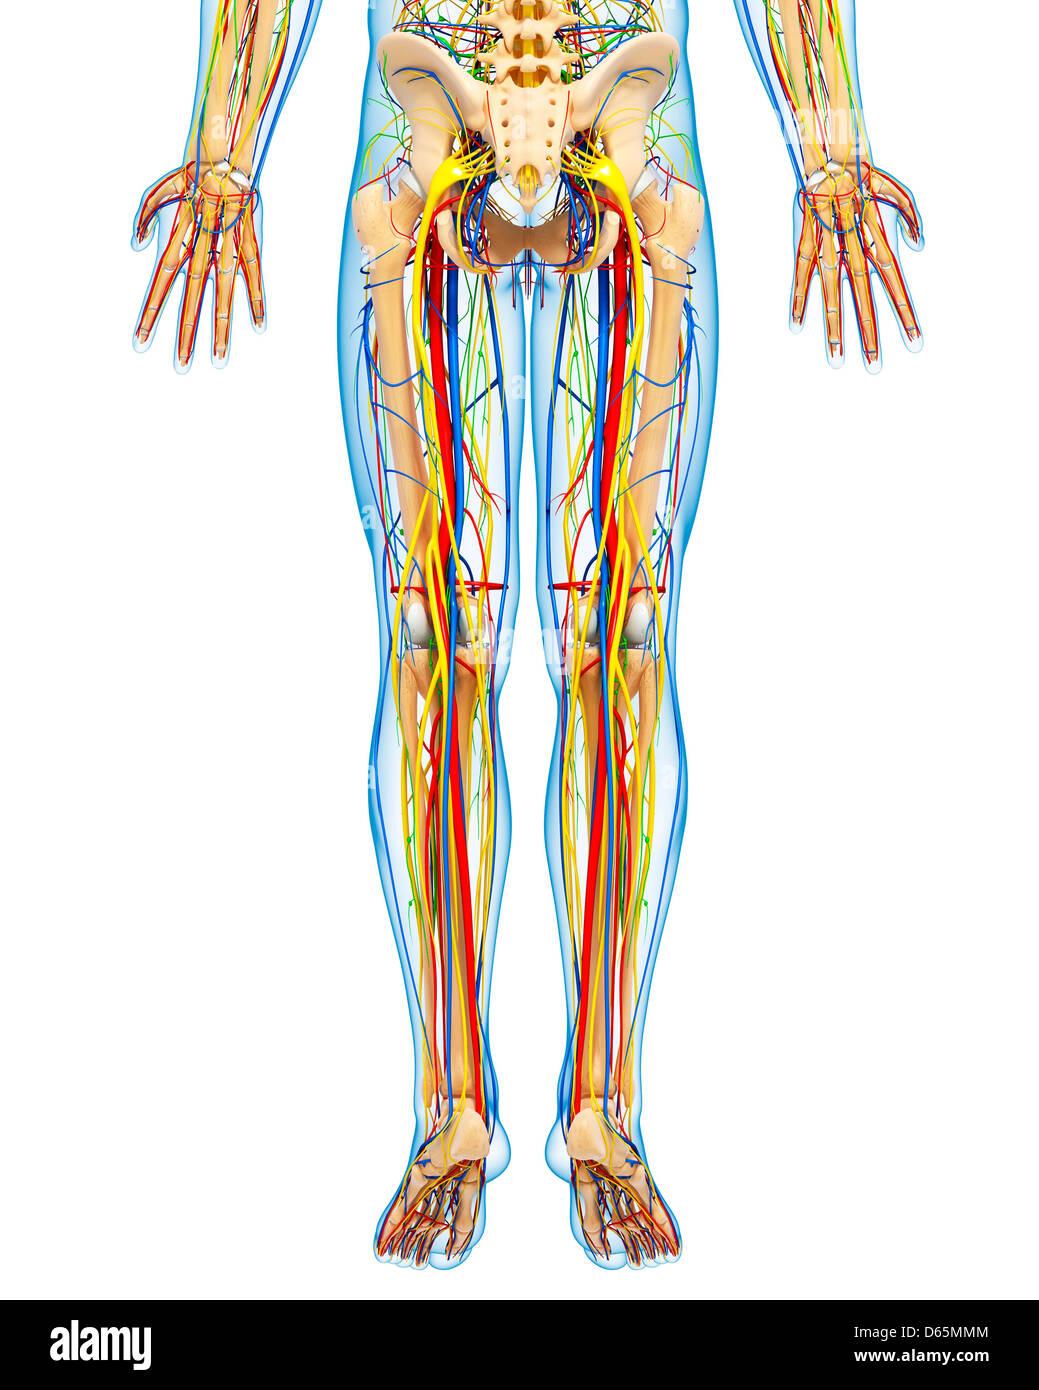 Lower Body Anatomy Stock Photos & Lower Body Anatomy Stock Images ...